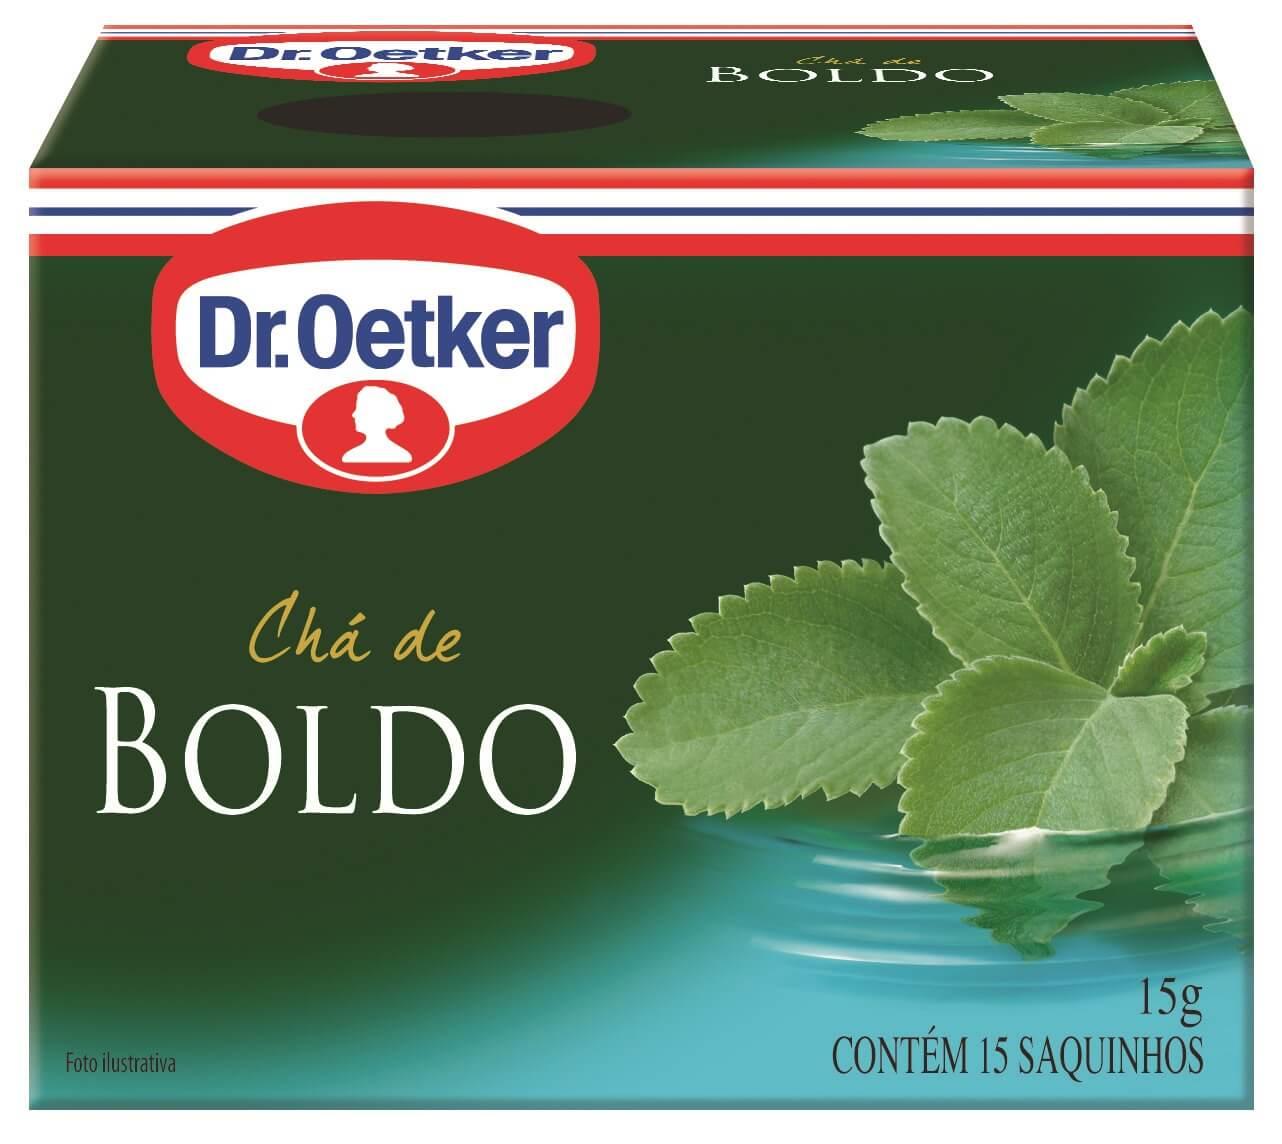 CHÁ DE BOLDO  - DR. OETKER - KIT COM 4 CAIXAS